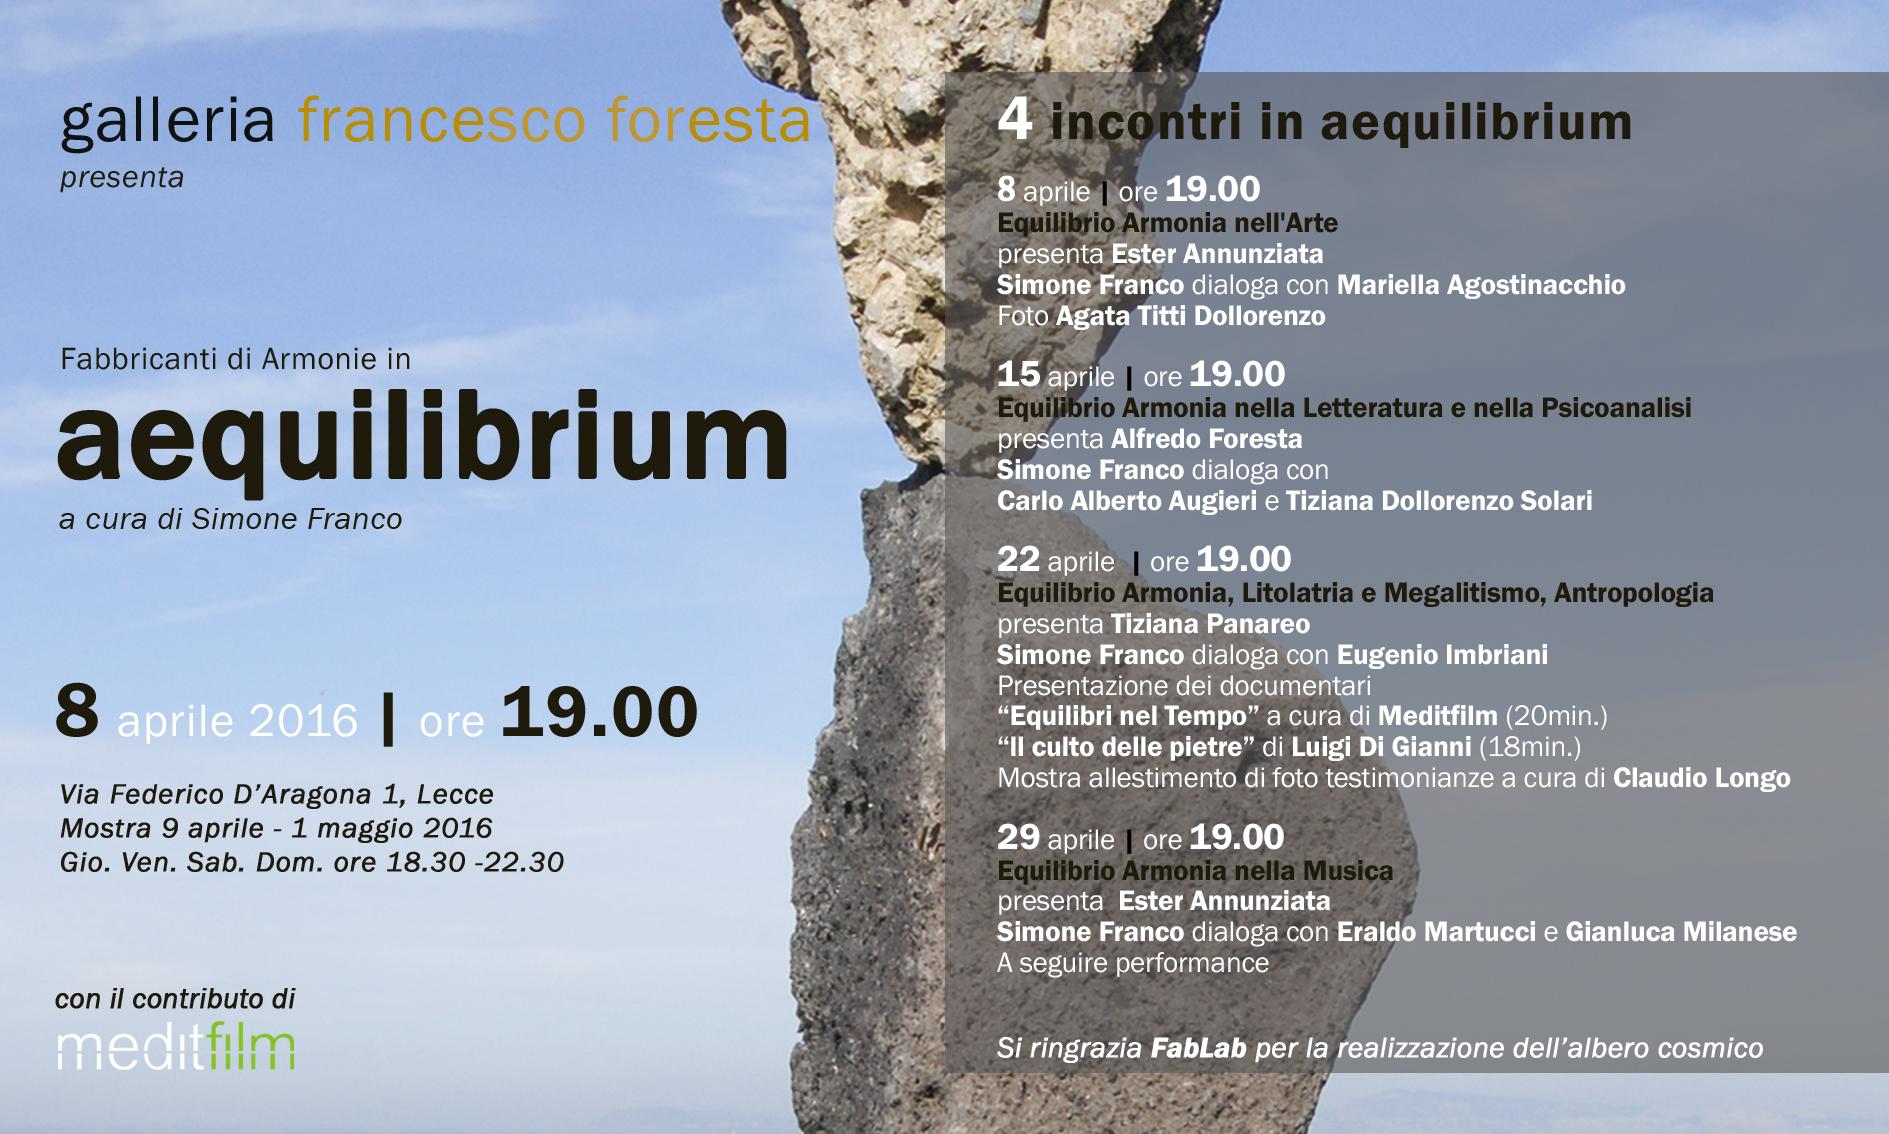 INVITO AEQULIBRIUM_fronte